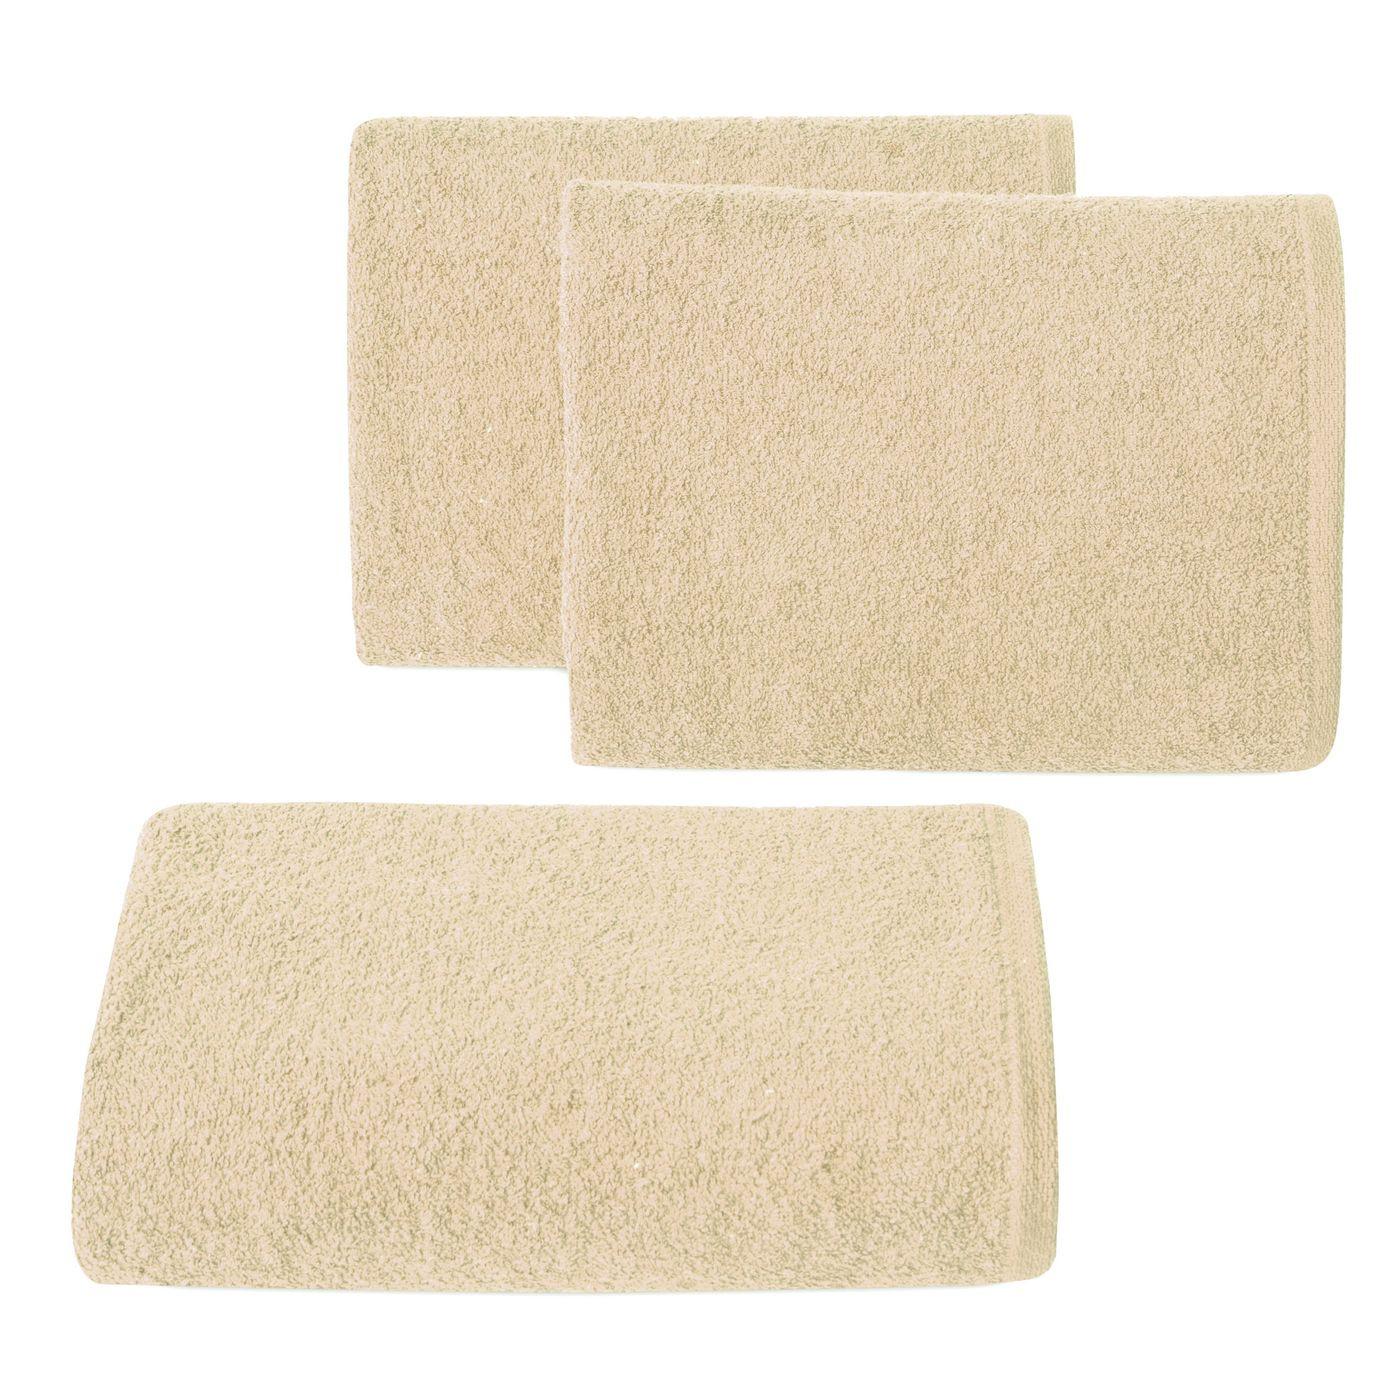 Gładki ręcznik kąpielowy beżowy 70x140 cm